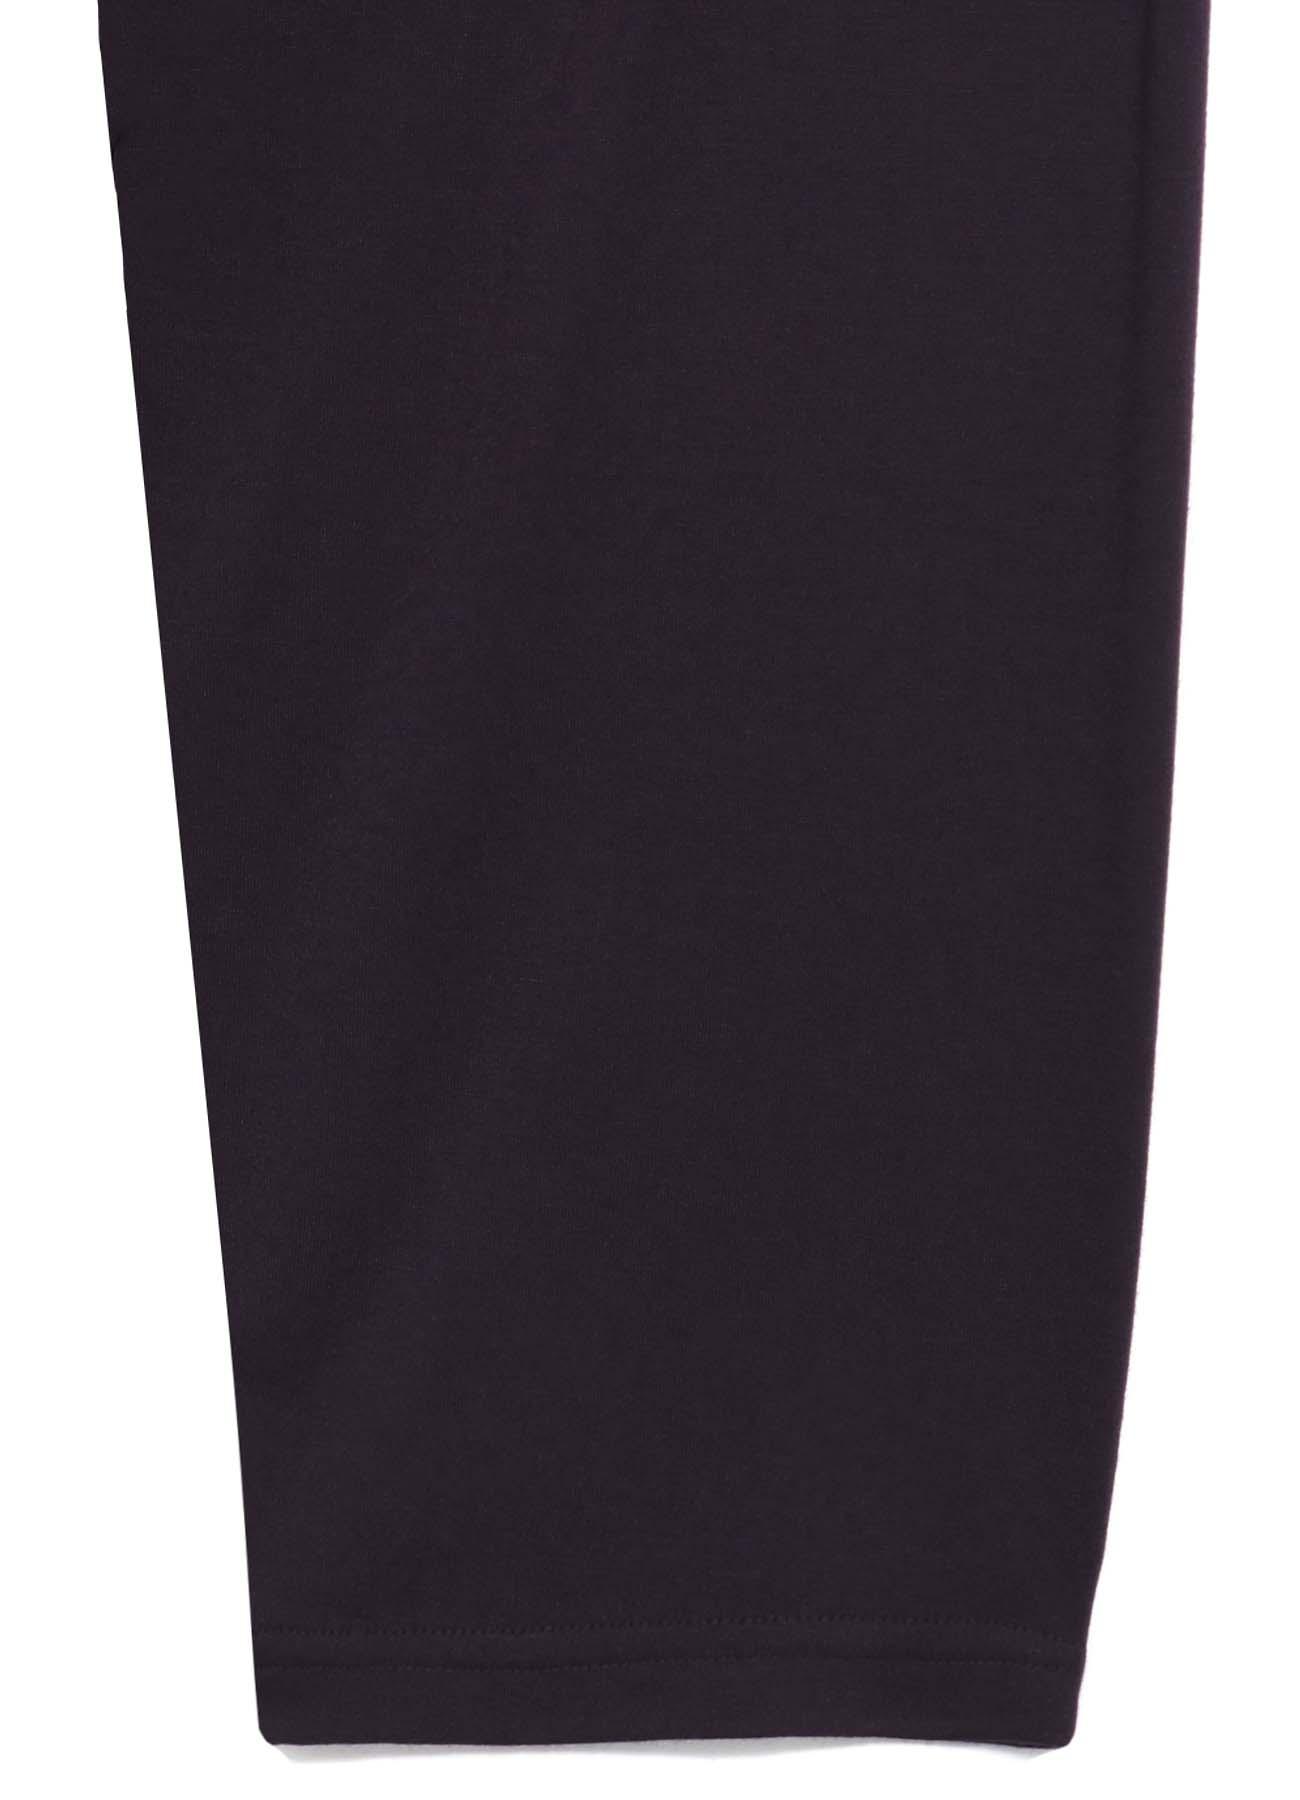 B/Rexcell Wool Cross Drawstring T-shirt